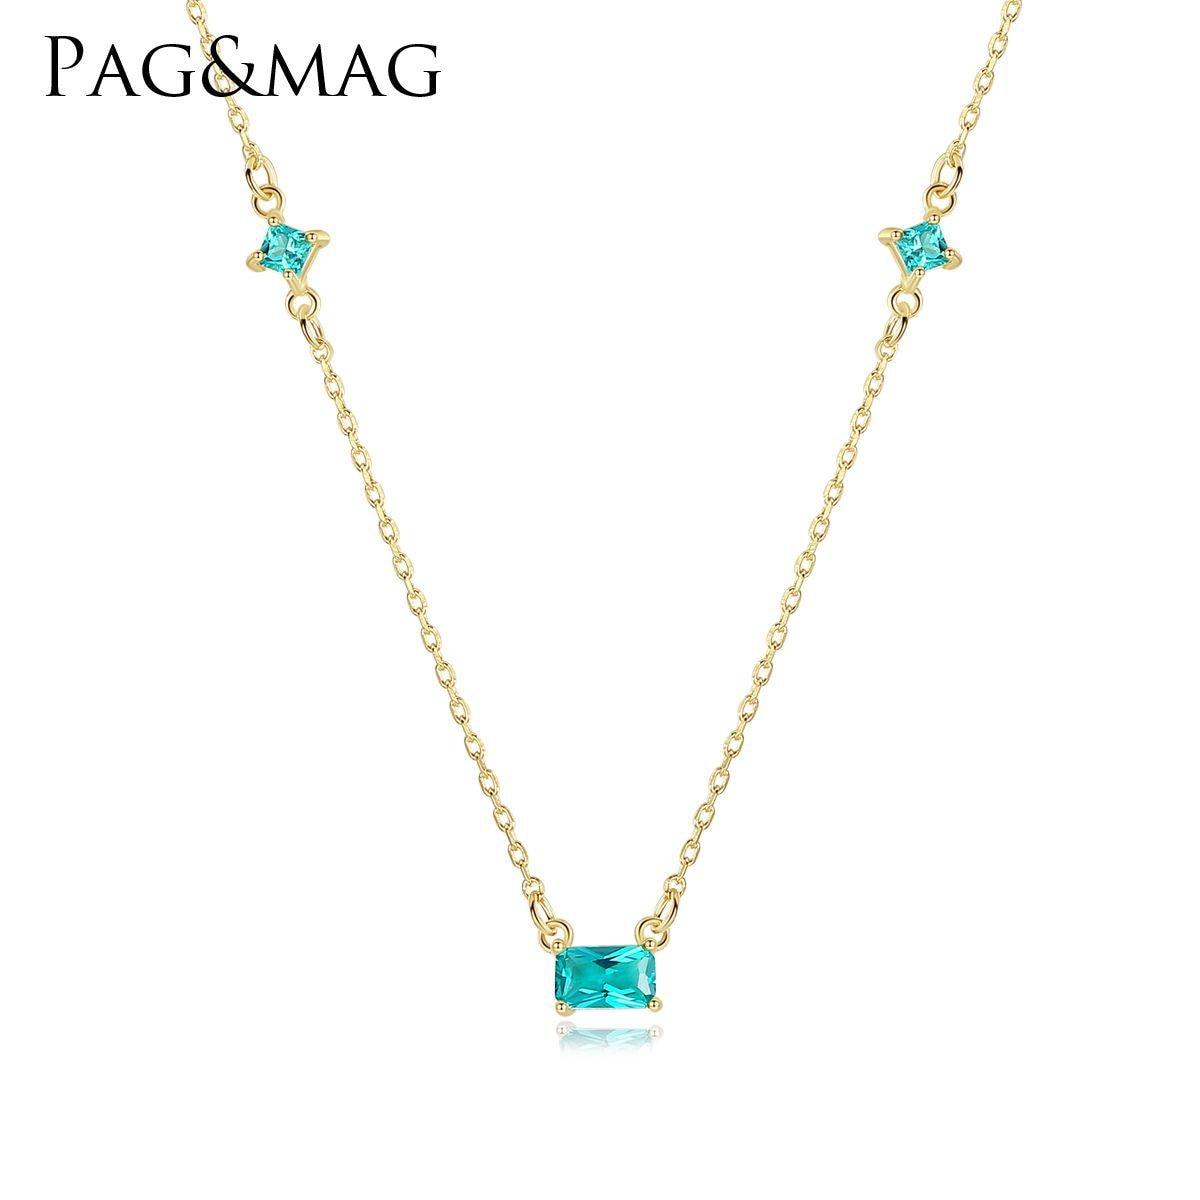 PAG & MAG S925 pendentif de collier au trésor de couleur argent, chaîne de clavicule femelle en pierre naturelle synthétique vert olive